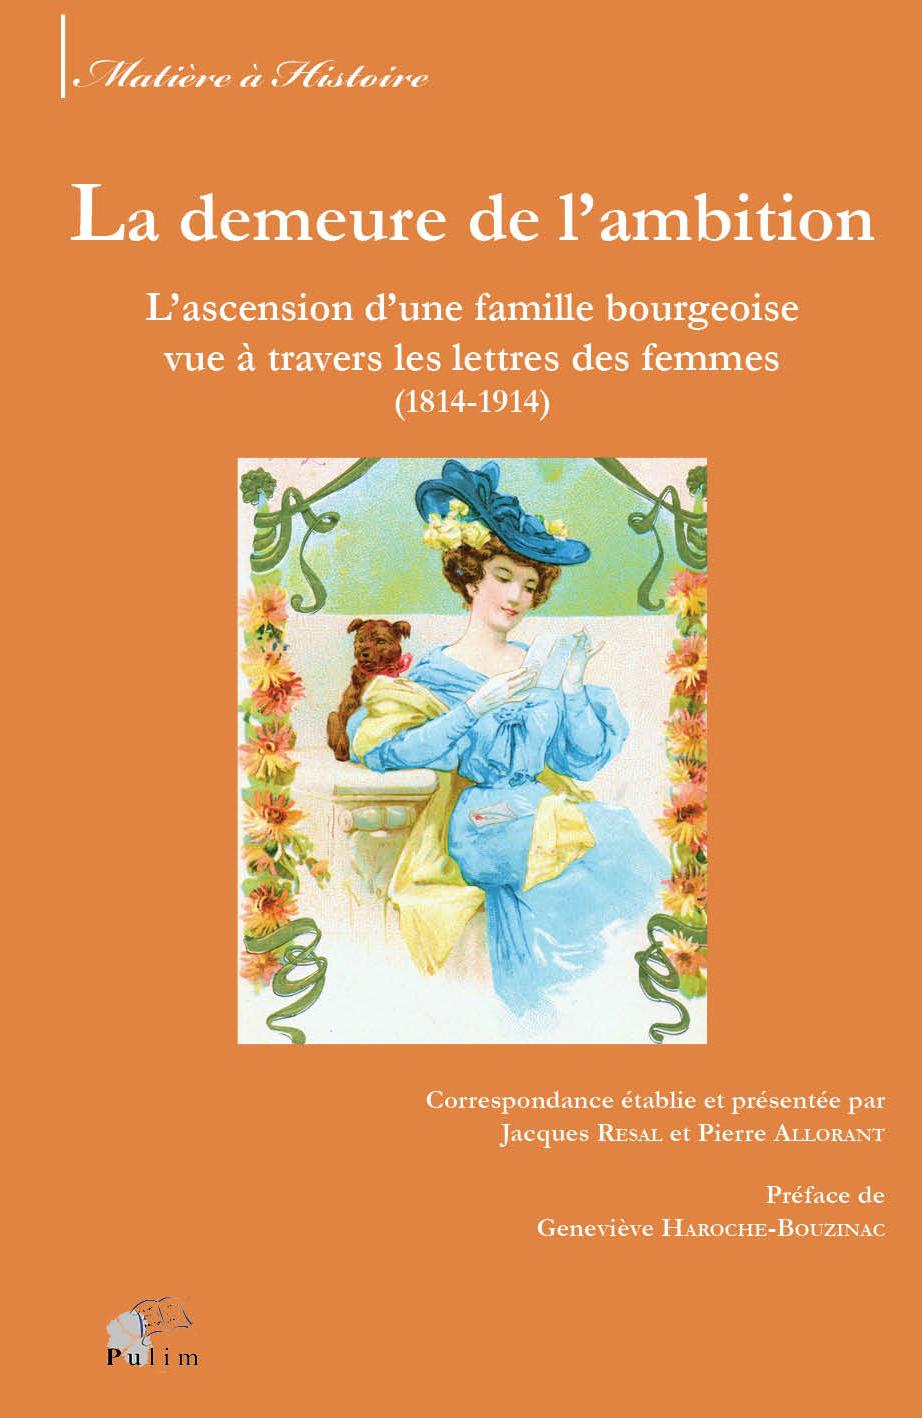 J. Resal, P. Allorant, La demeure de l'ambition. L'ascension d'une famille bourgeoise vue à travers les lettres de femmes (1814-1914)